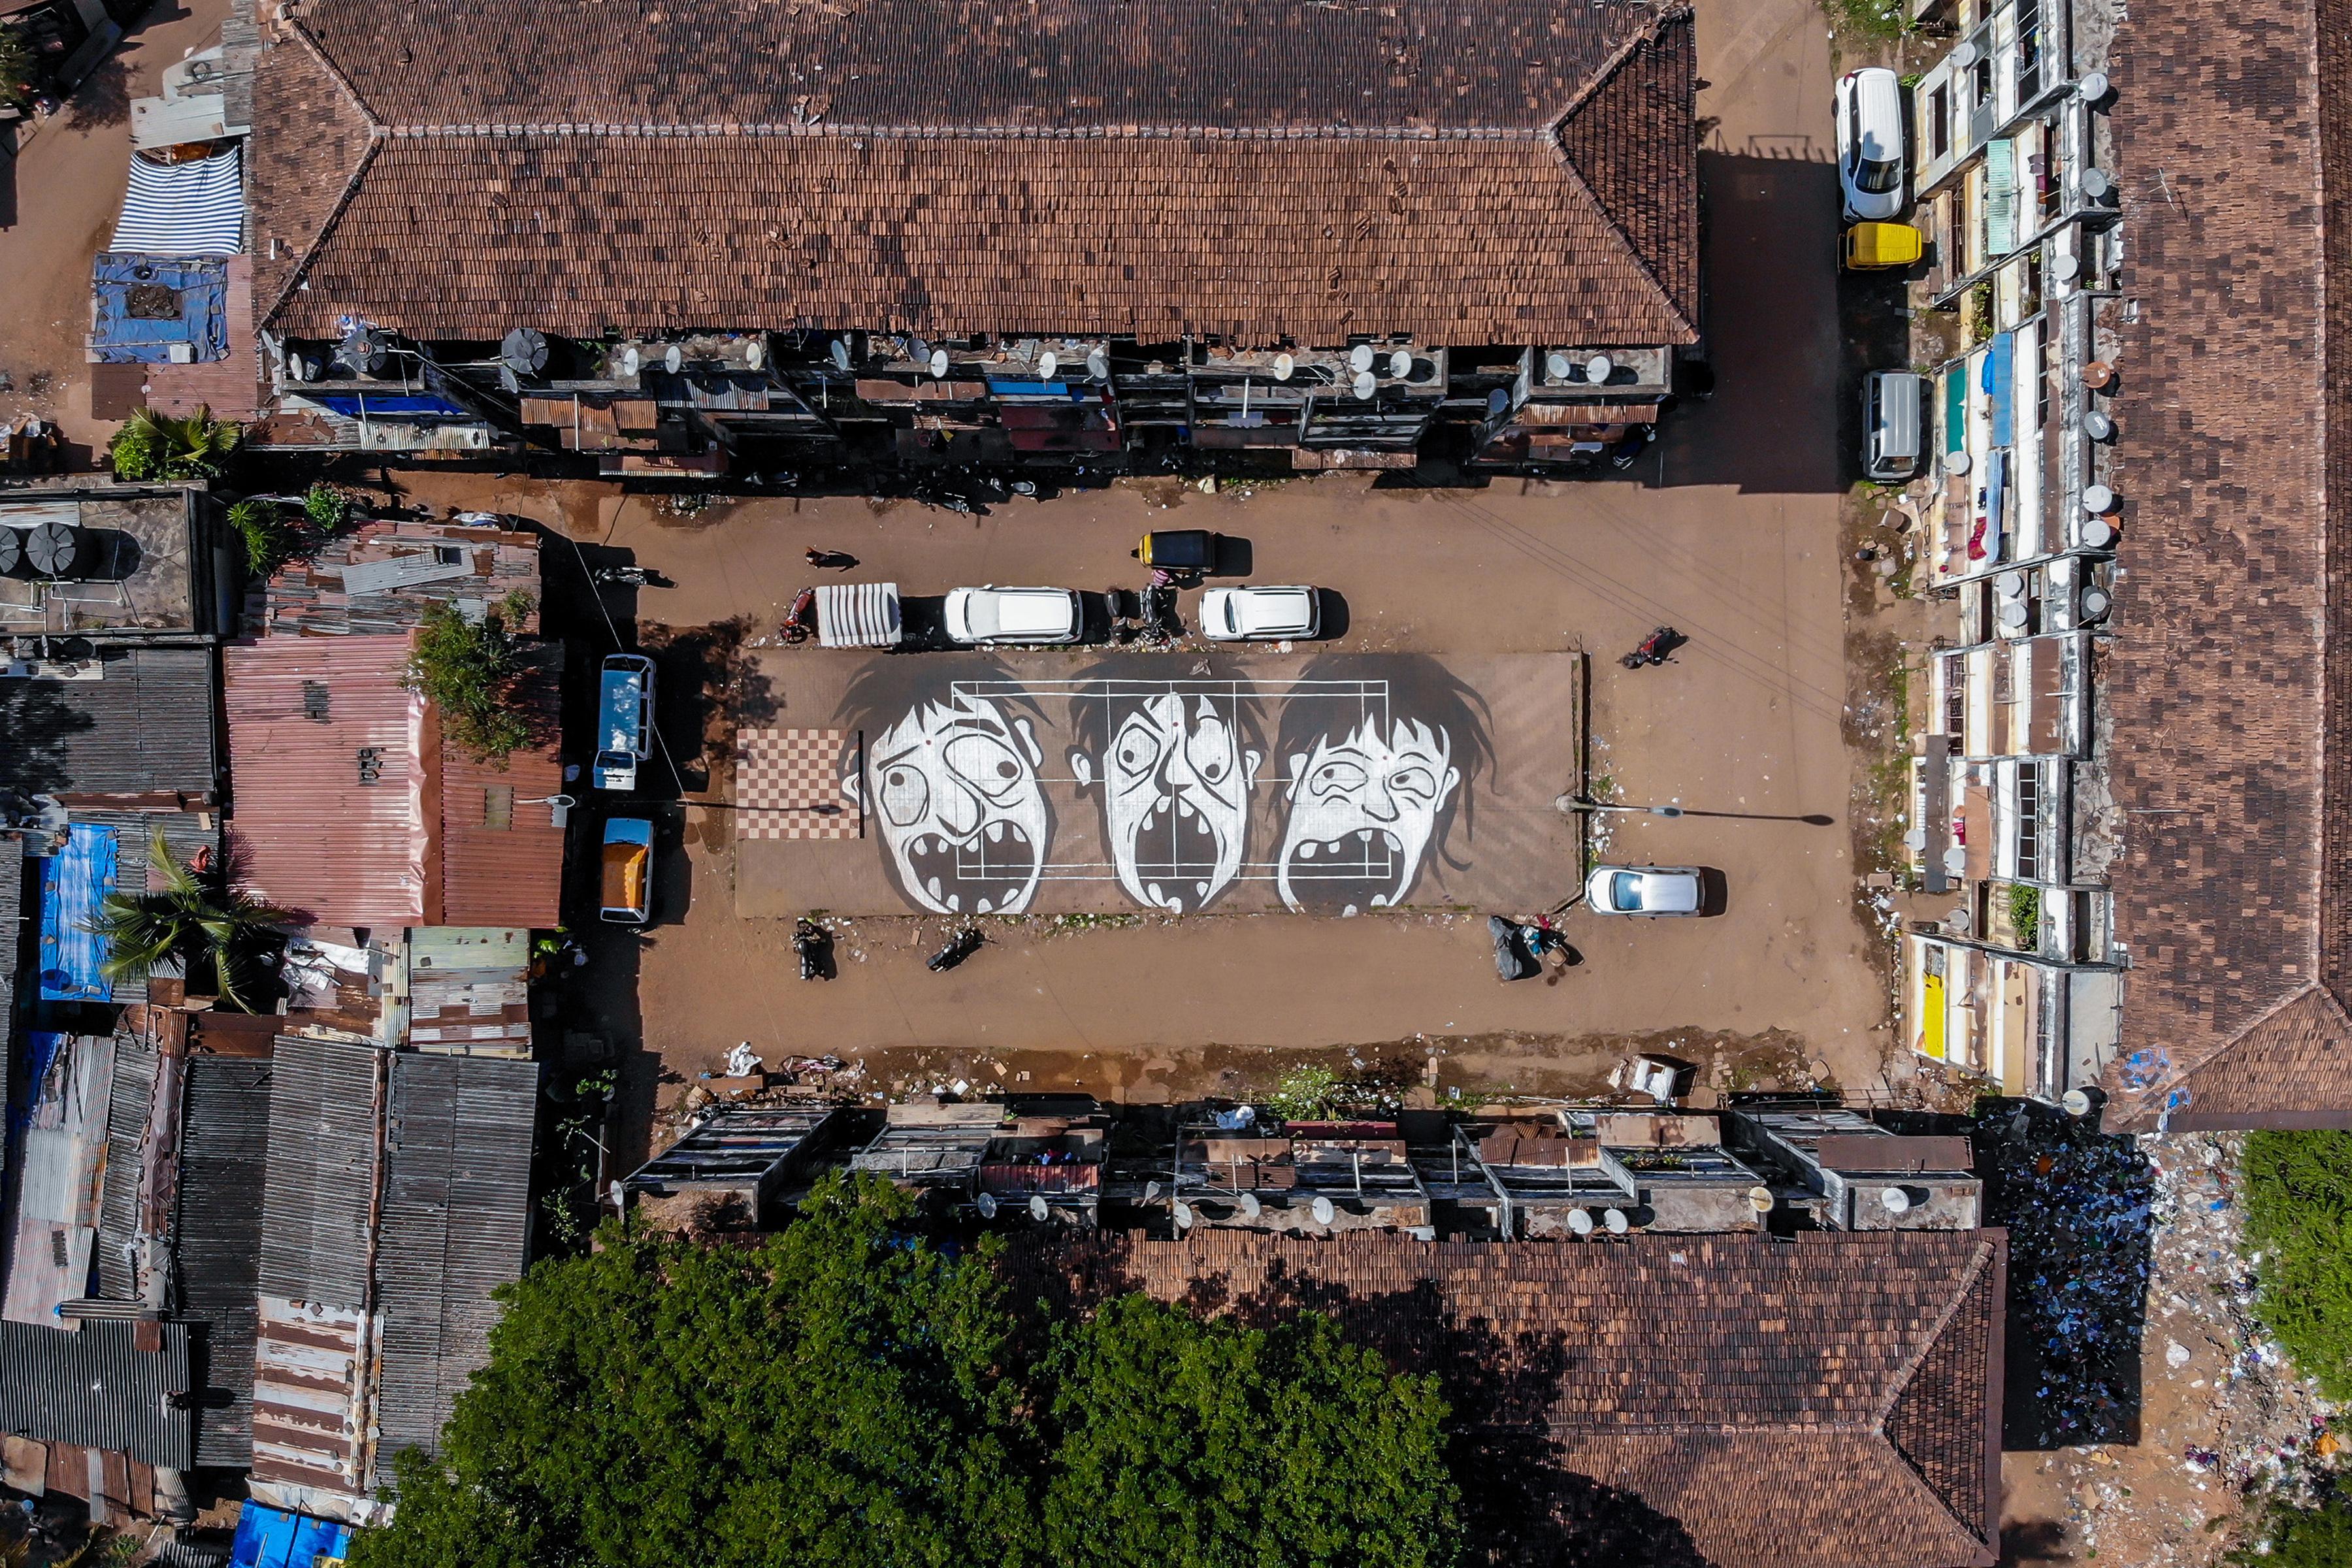 Ella Pitr Mural 2 Reveals St Art Goa 2019 Pranav Jay 14